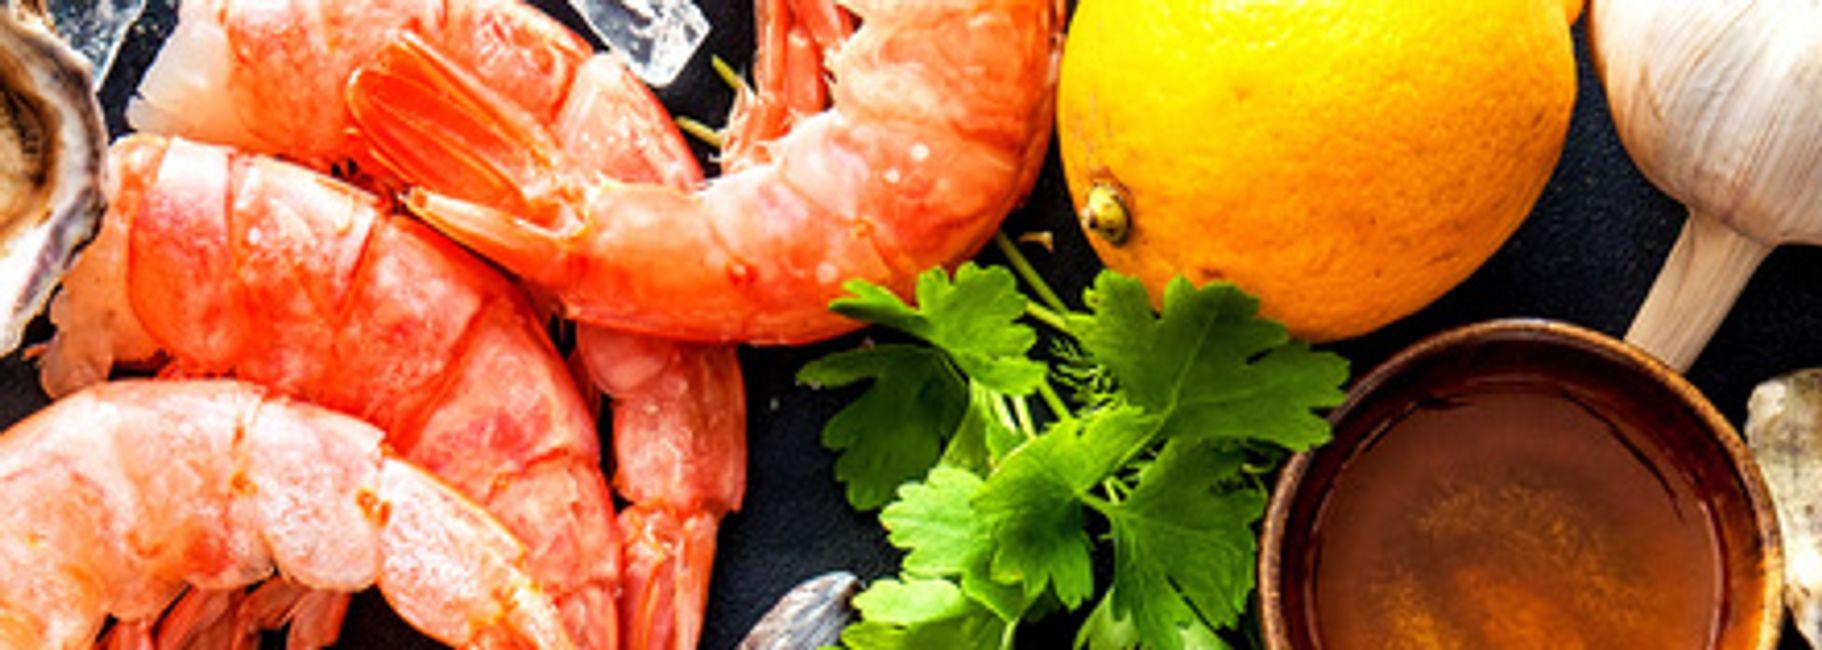 Shrimp & Avocado Taco Salad